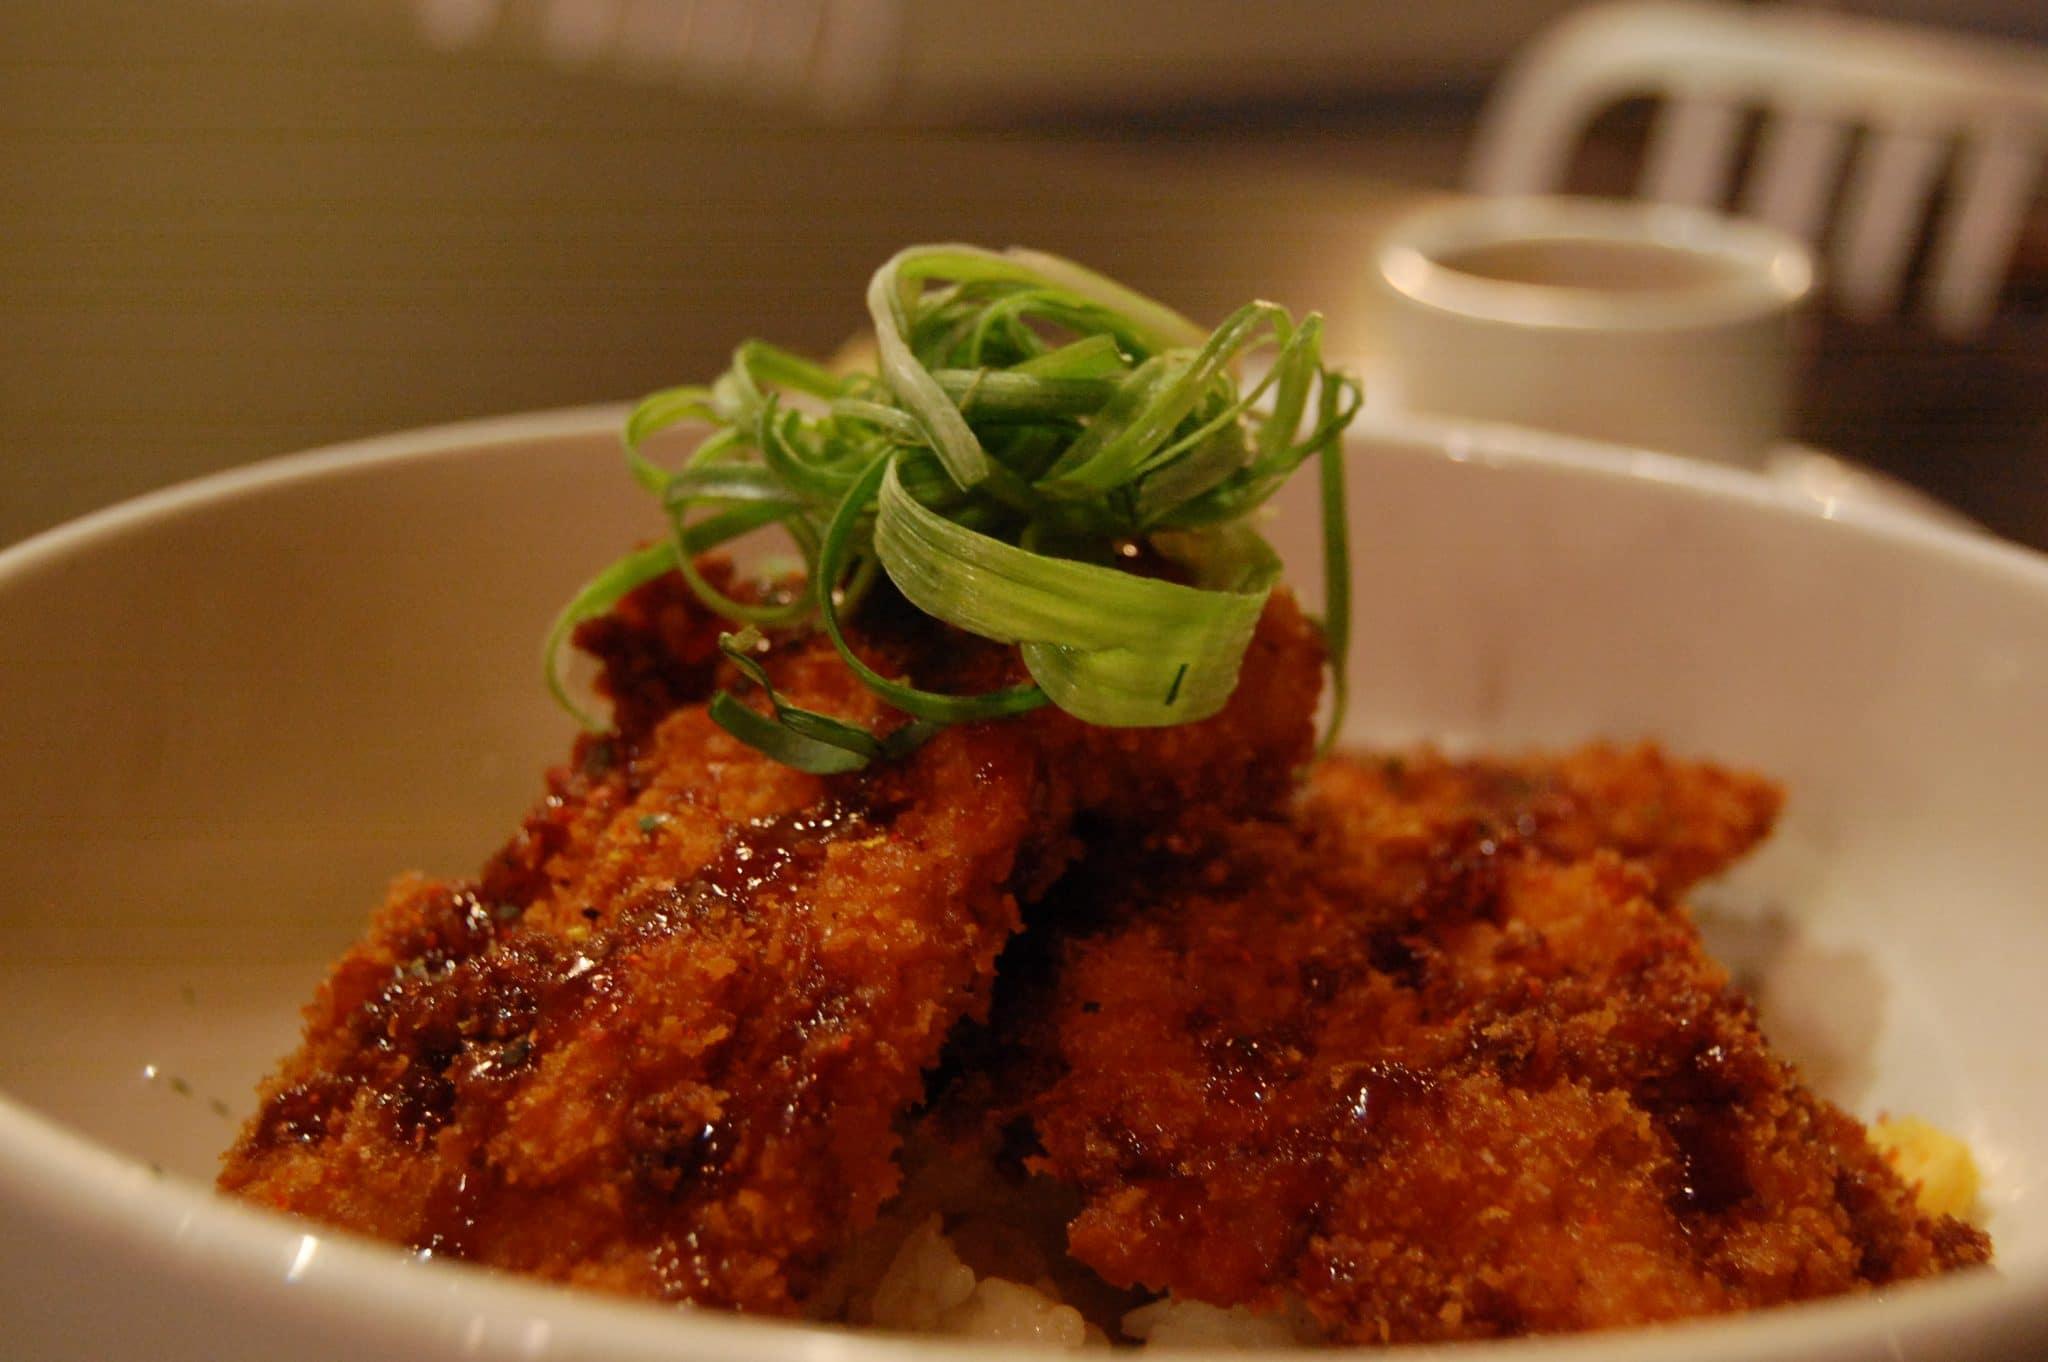 chicken cutlet recipe, how to make chicken cutlet